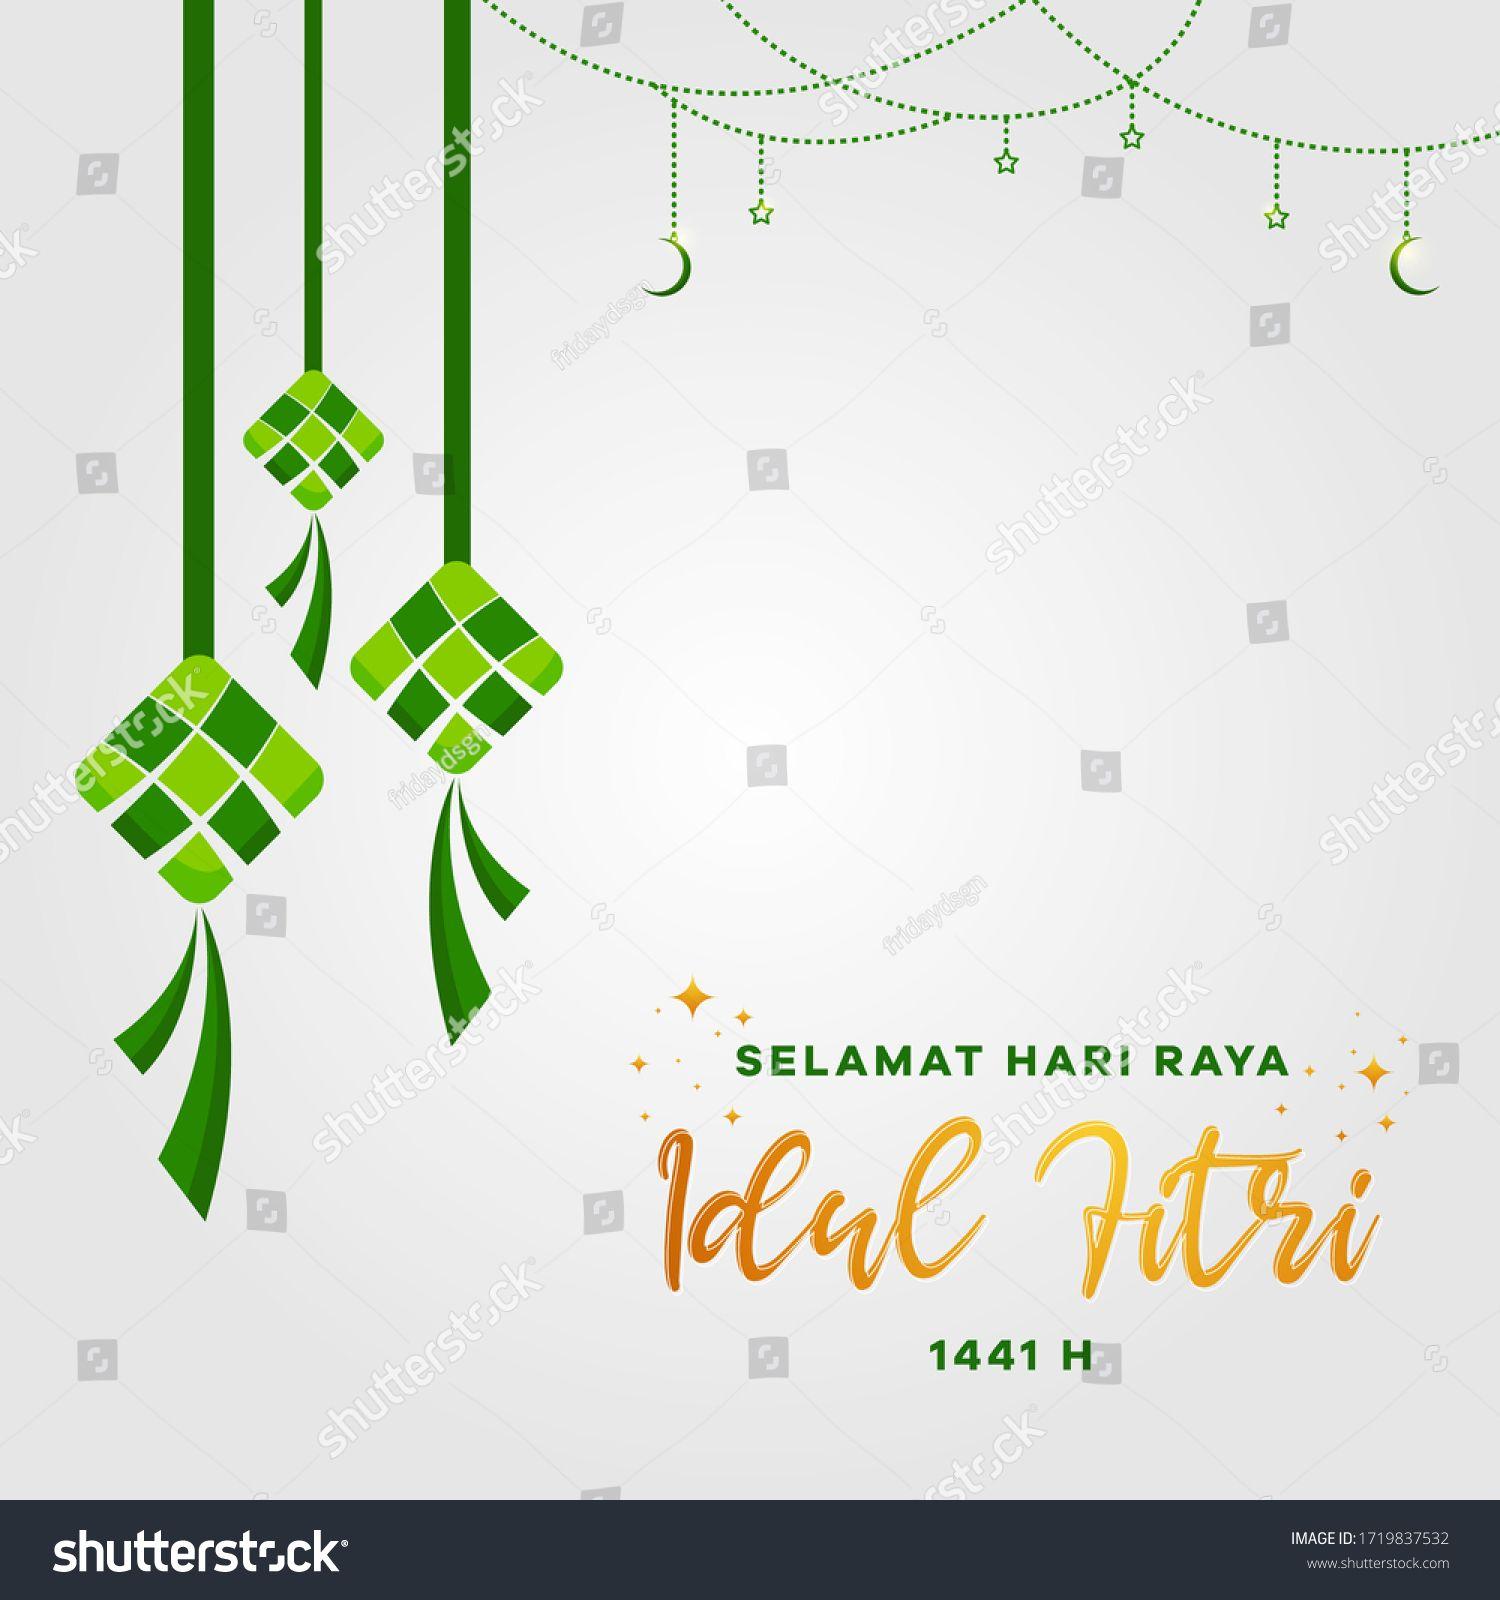 Selamat Hari Raya Idul Fitri Eid Stock Vector Royalty Free 1719837532 In 2020 Eid Mubarak Greetings Eid Mubarak Wallpaper Eid